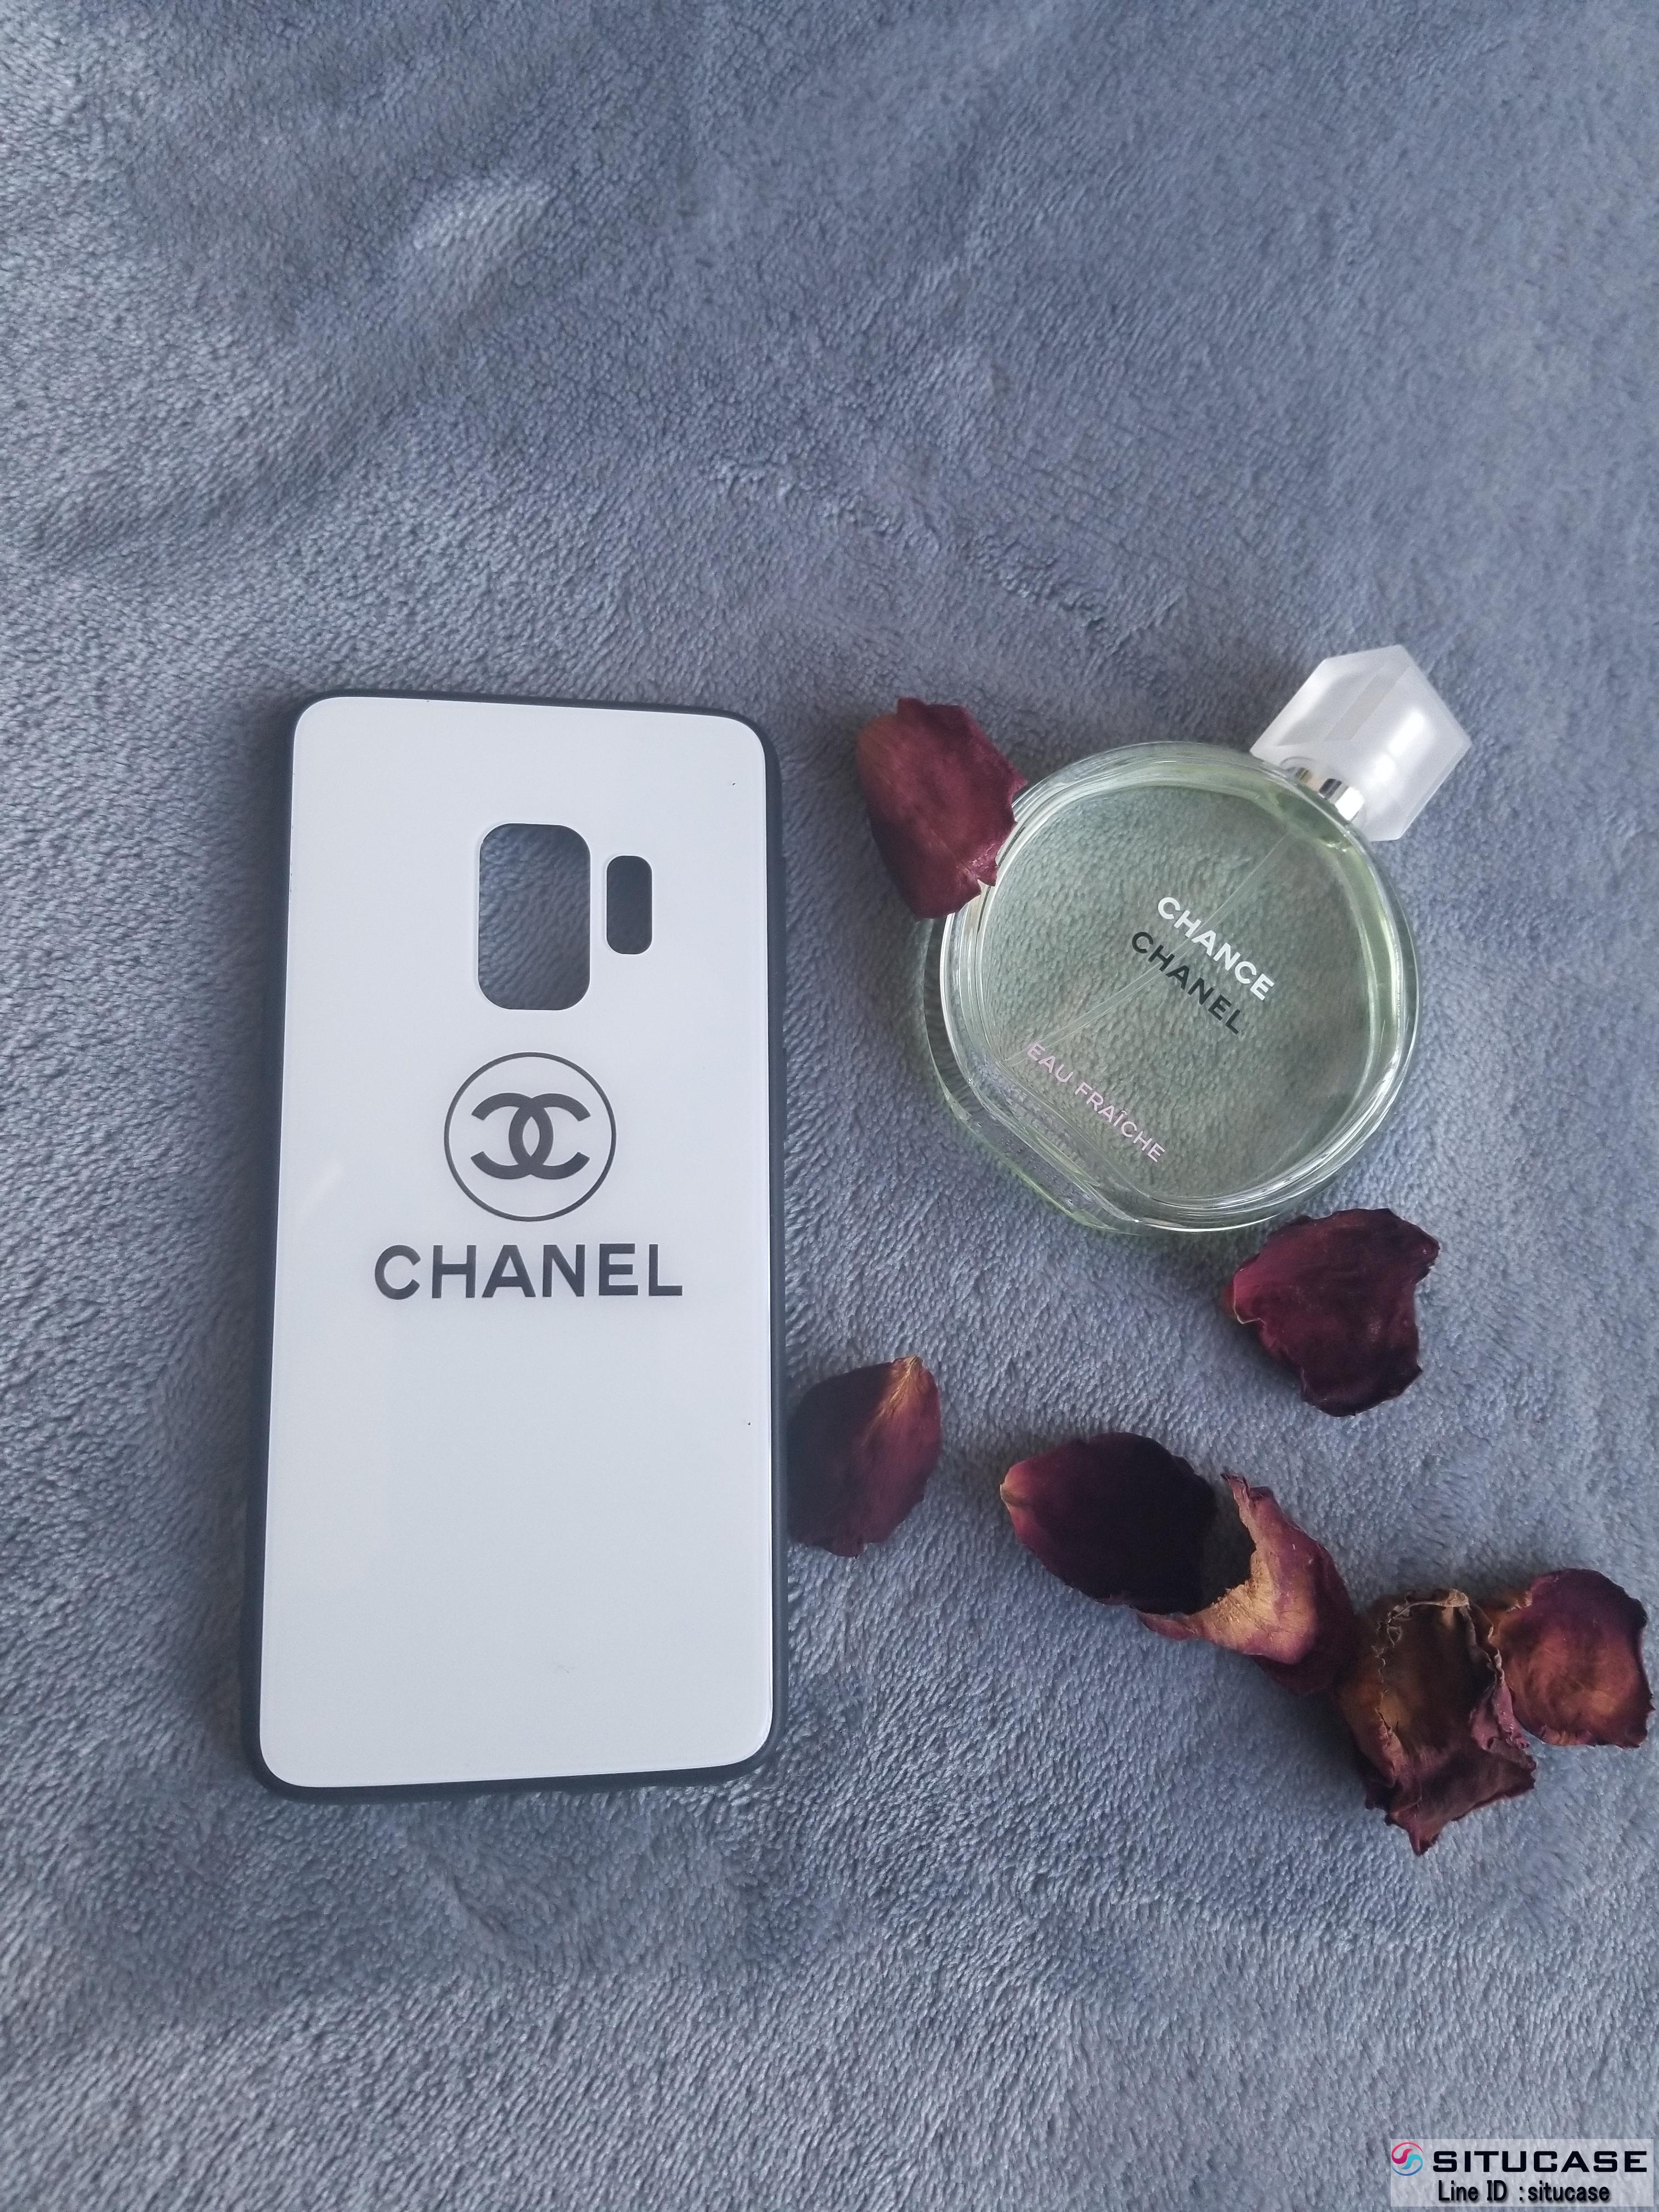 シャネル シンプル ギャラクシーs9/s9プラスケース 強化ガラス